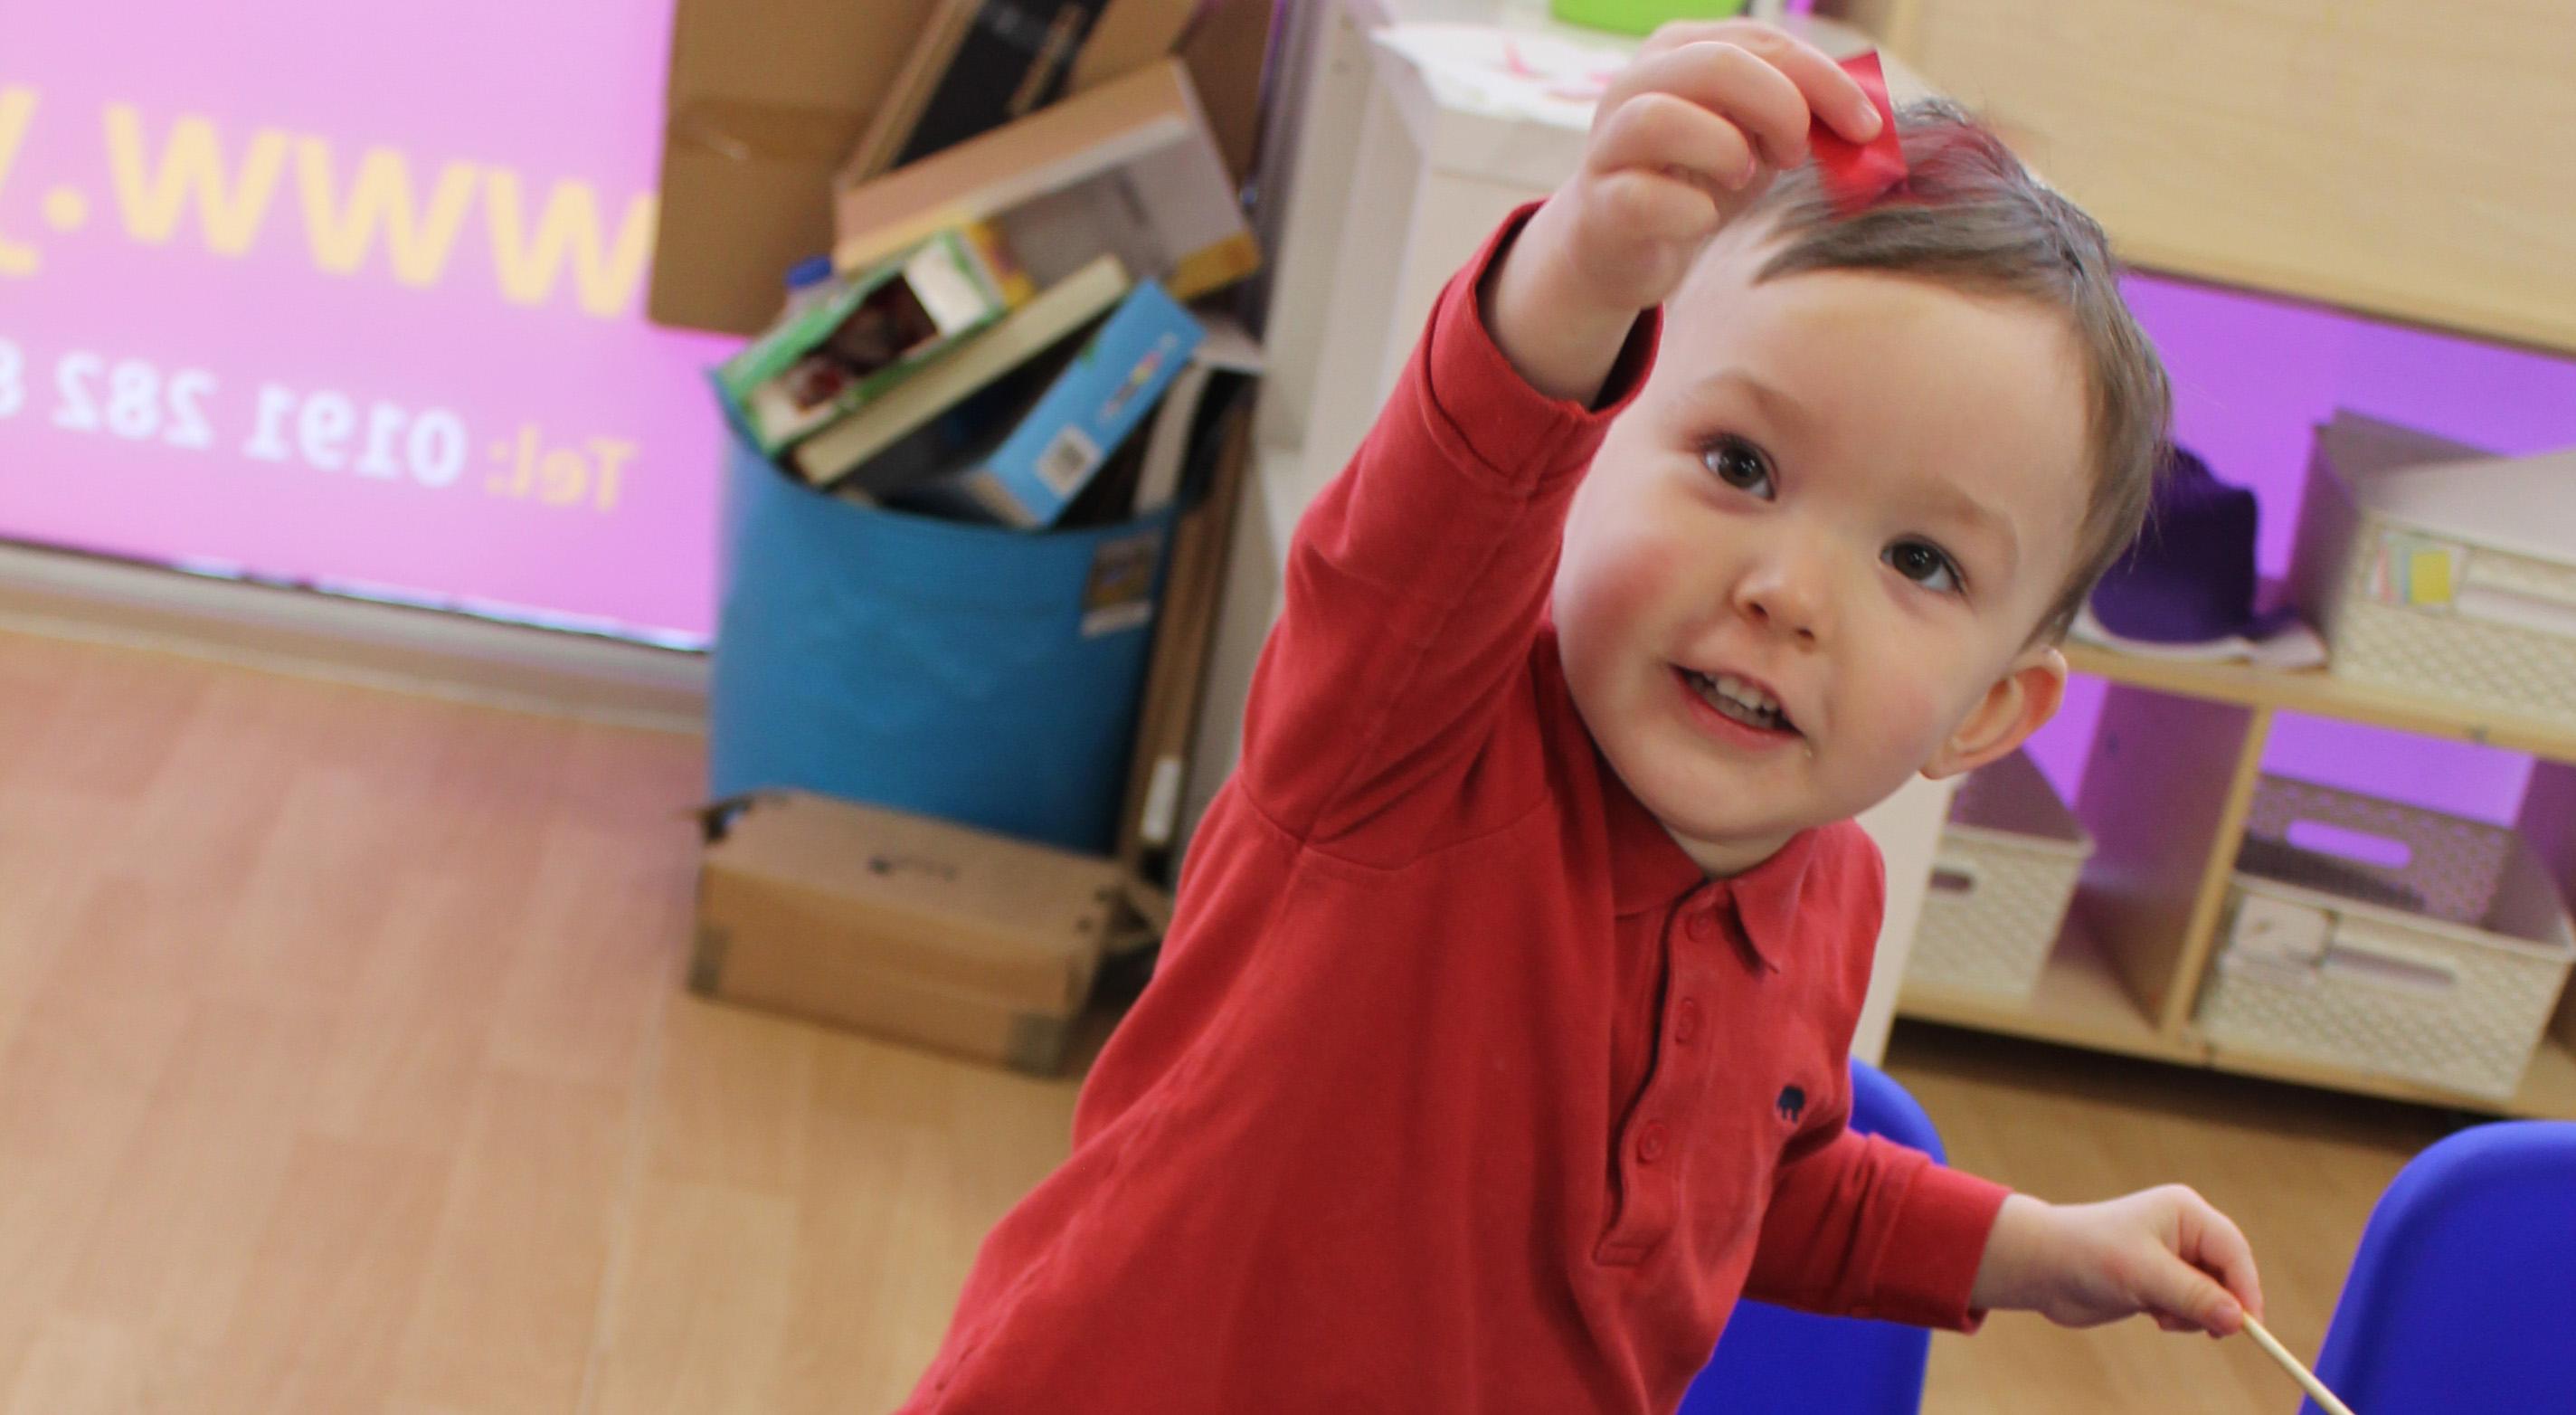 Pre-schools: Nursery Vs Schools